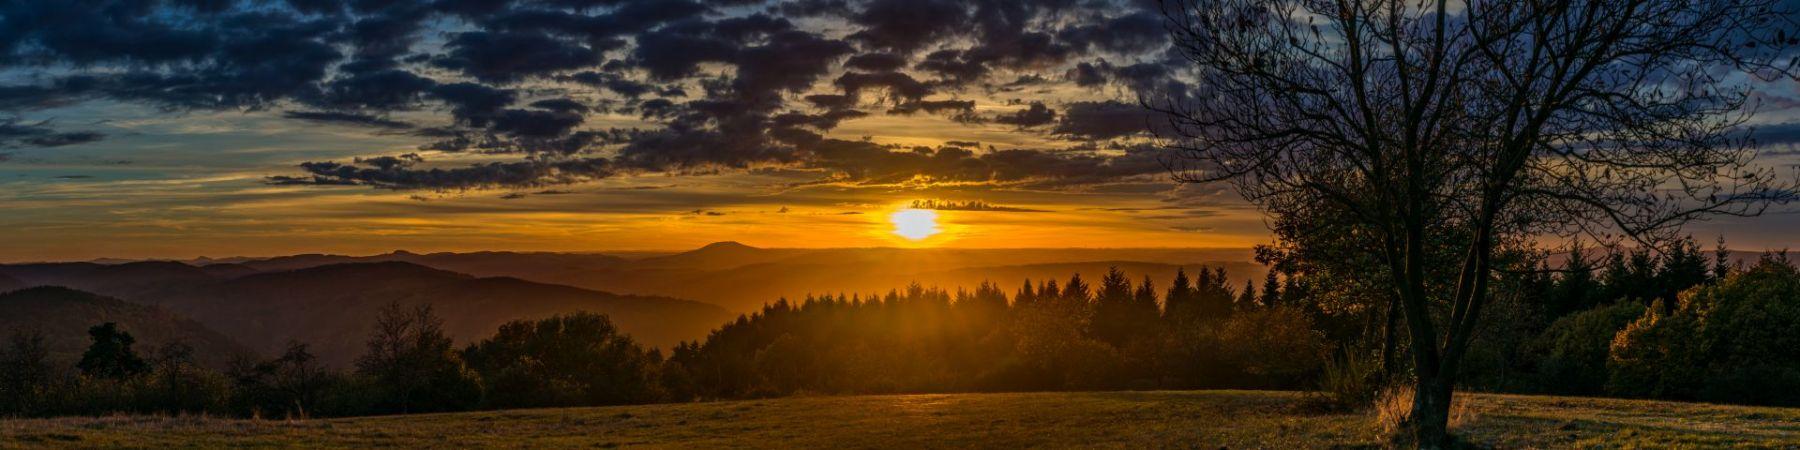 Sonnenuntergang-Steinerberg